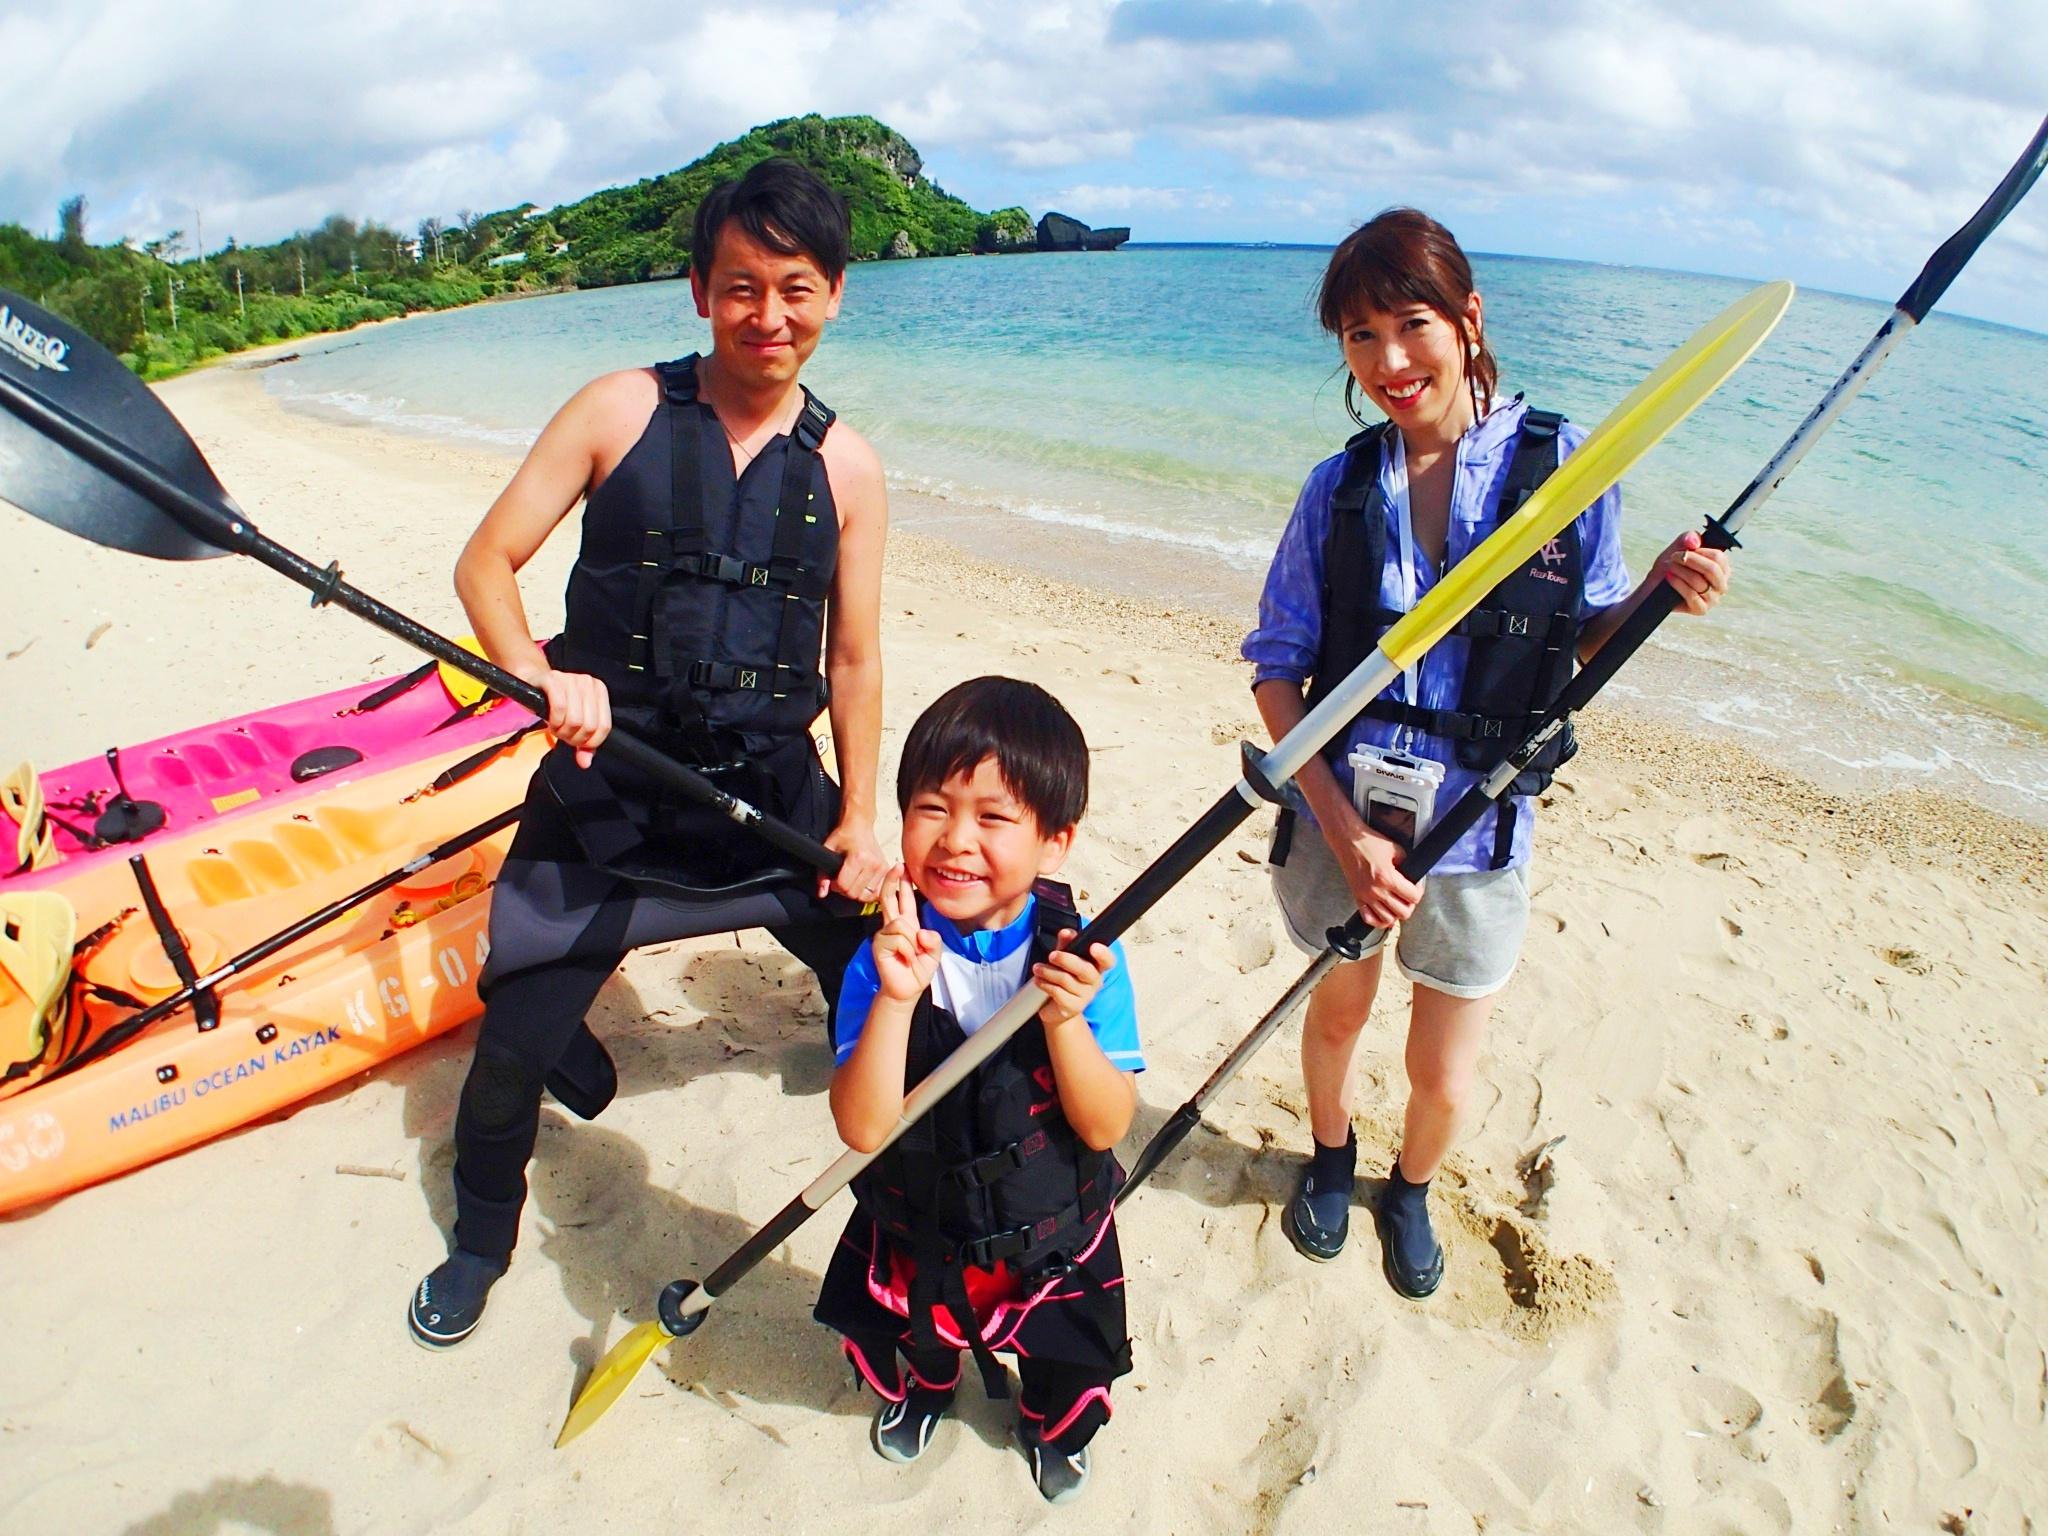 【恩納村】1歳から参加可能!断崖絶壁シーカヤック&サンゴ礁探検と貝殻拾い(No.89)